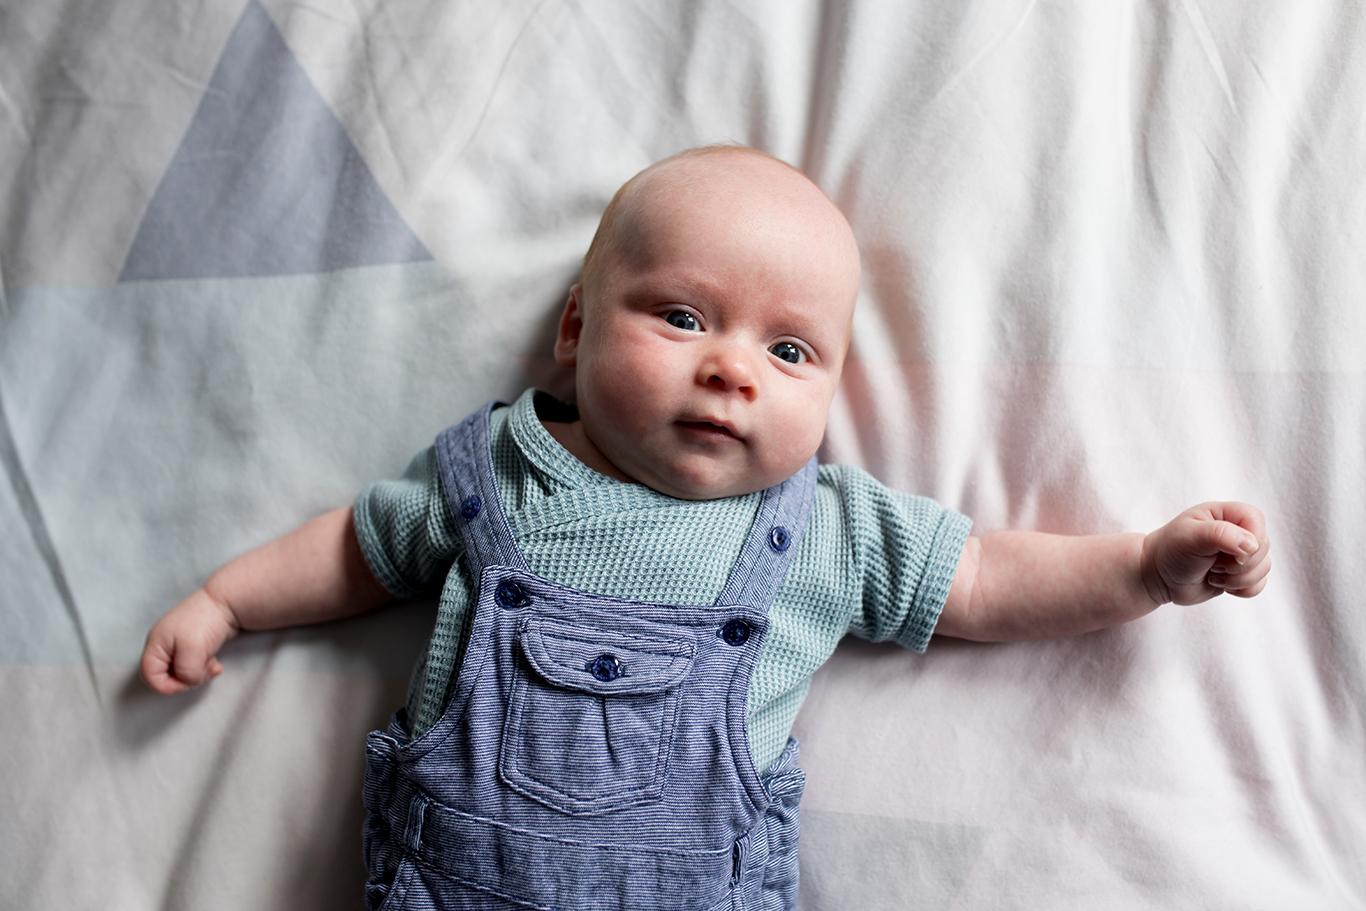 Baby fotograaf _ karijn fotografie